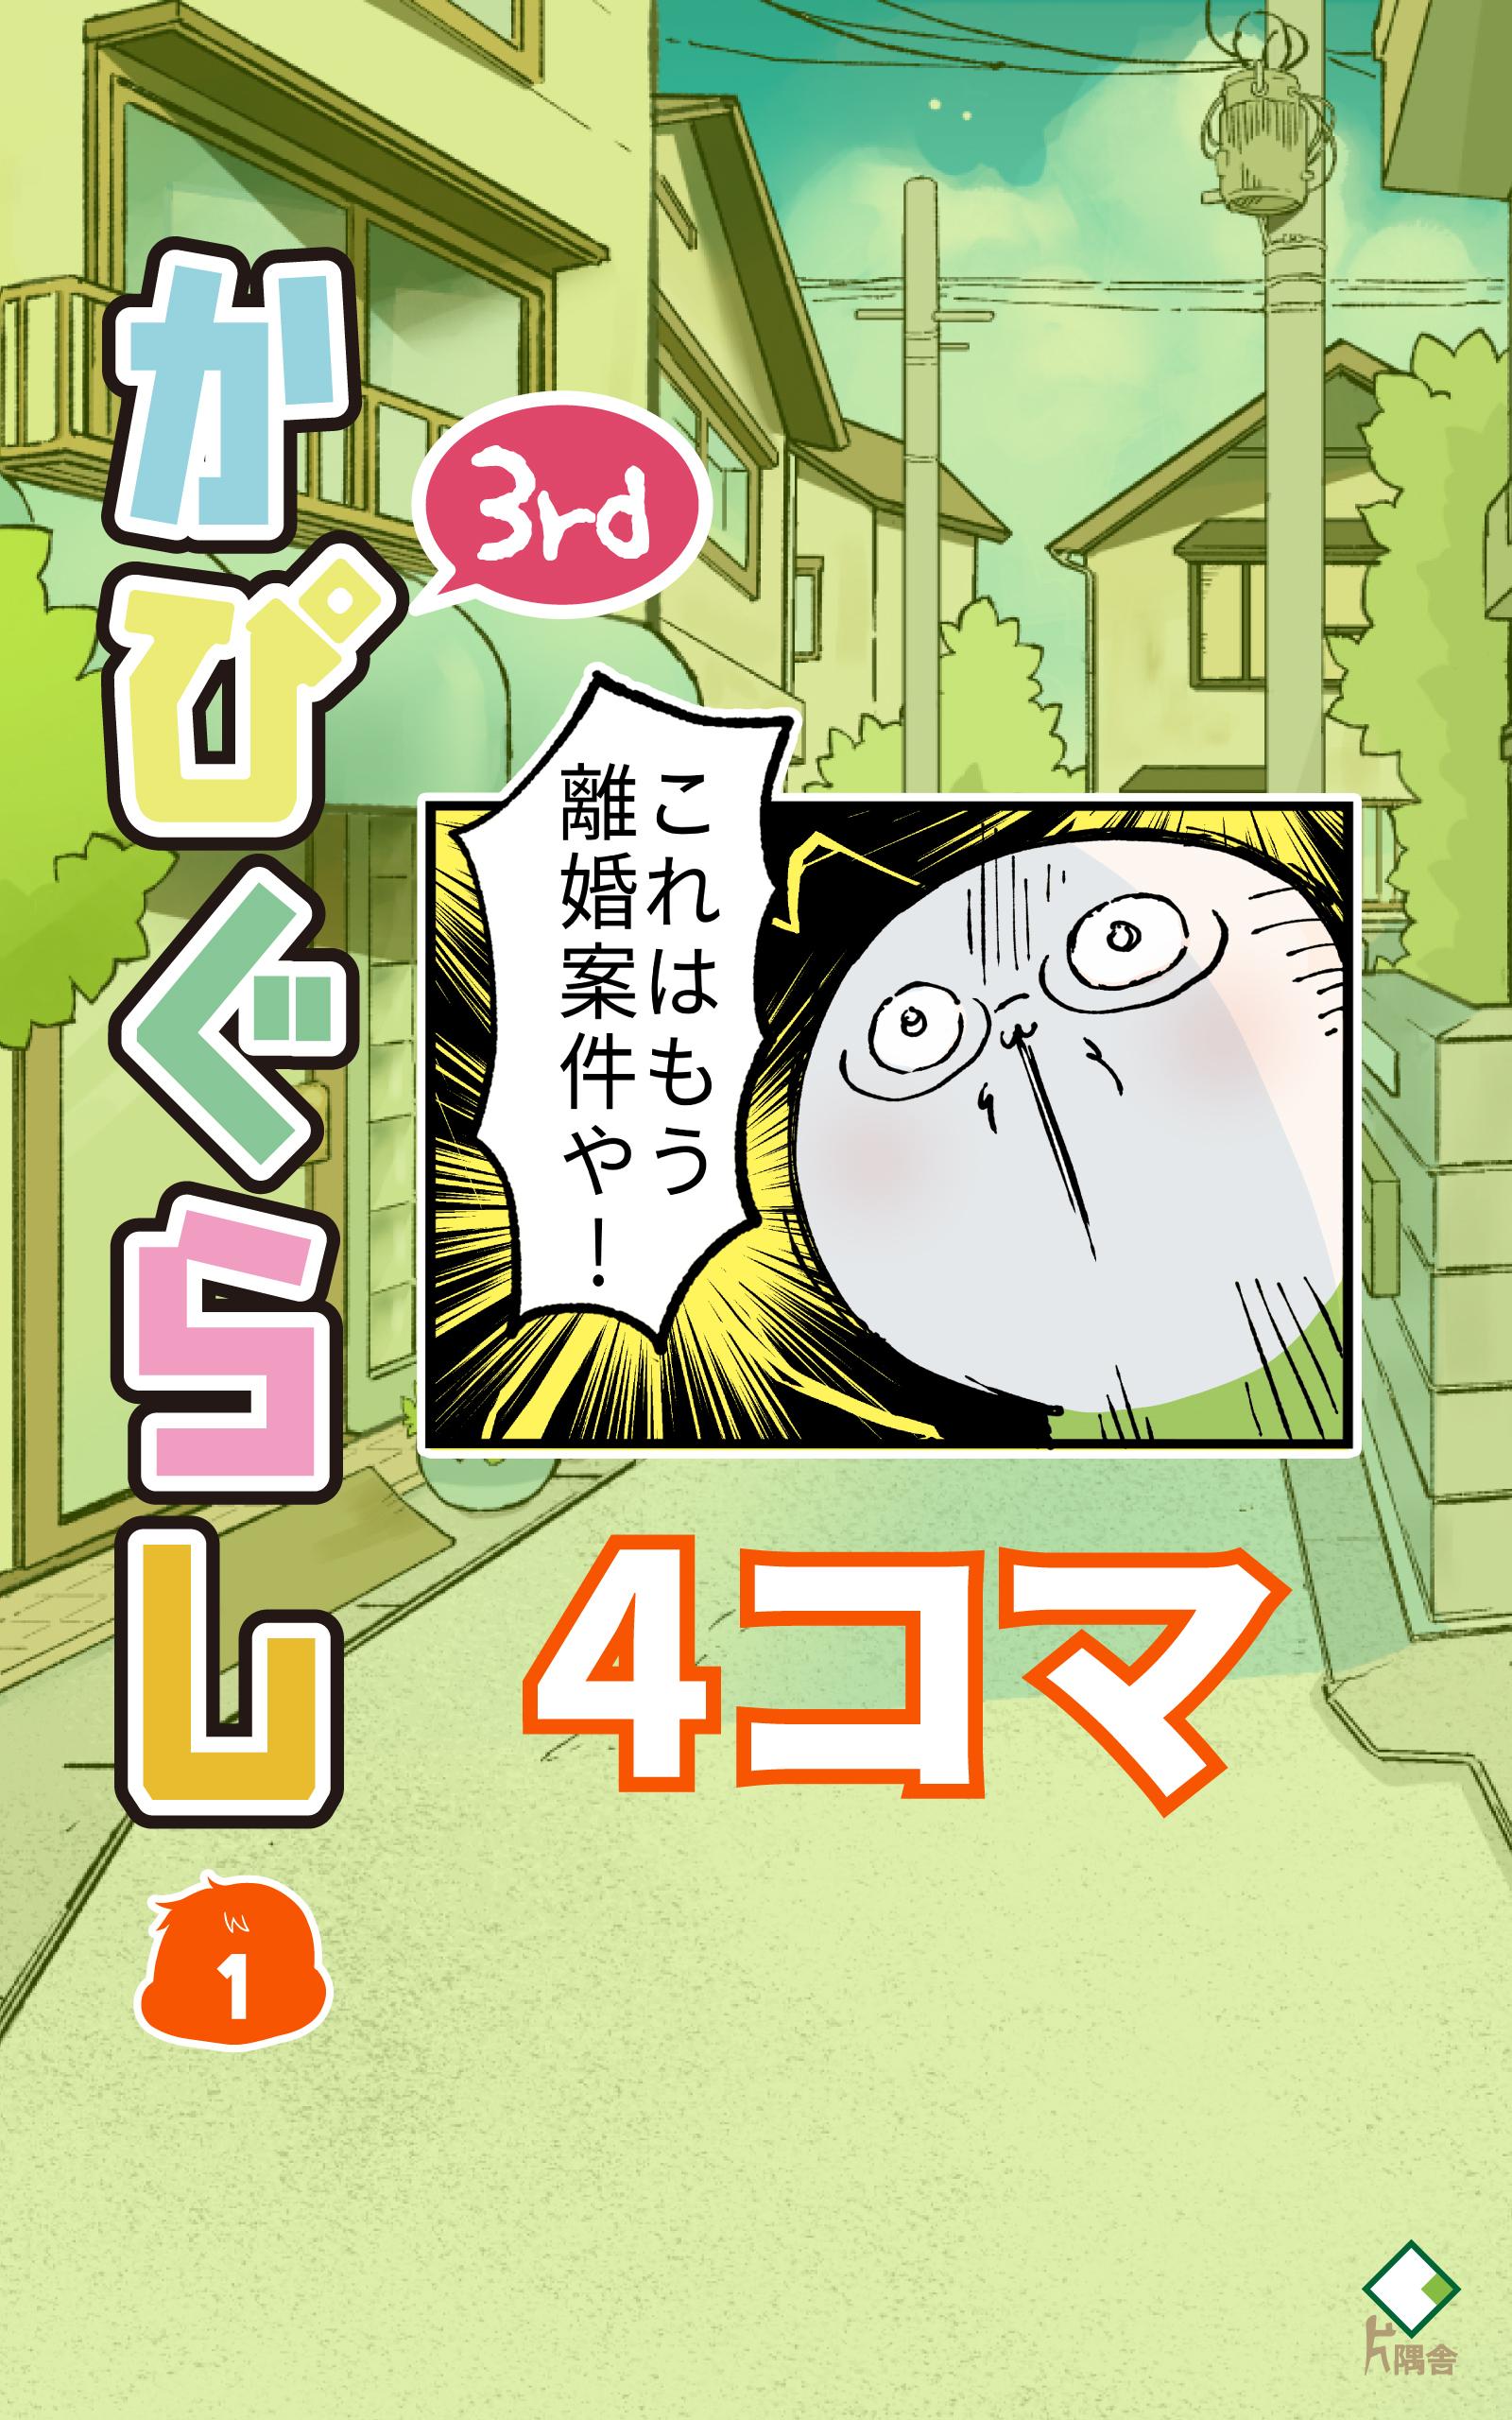 かぴぐらし3rd無料版 4コマ1巻 巻表紙